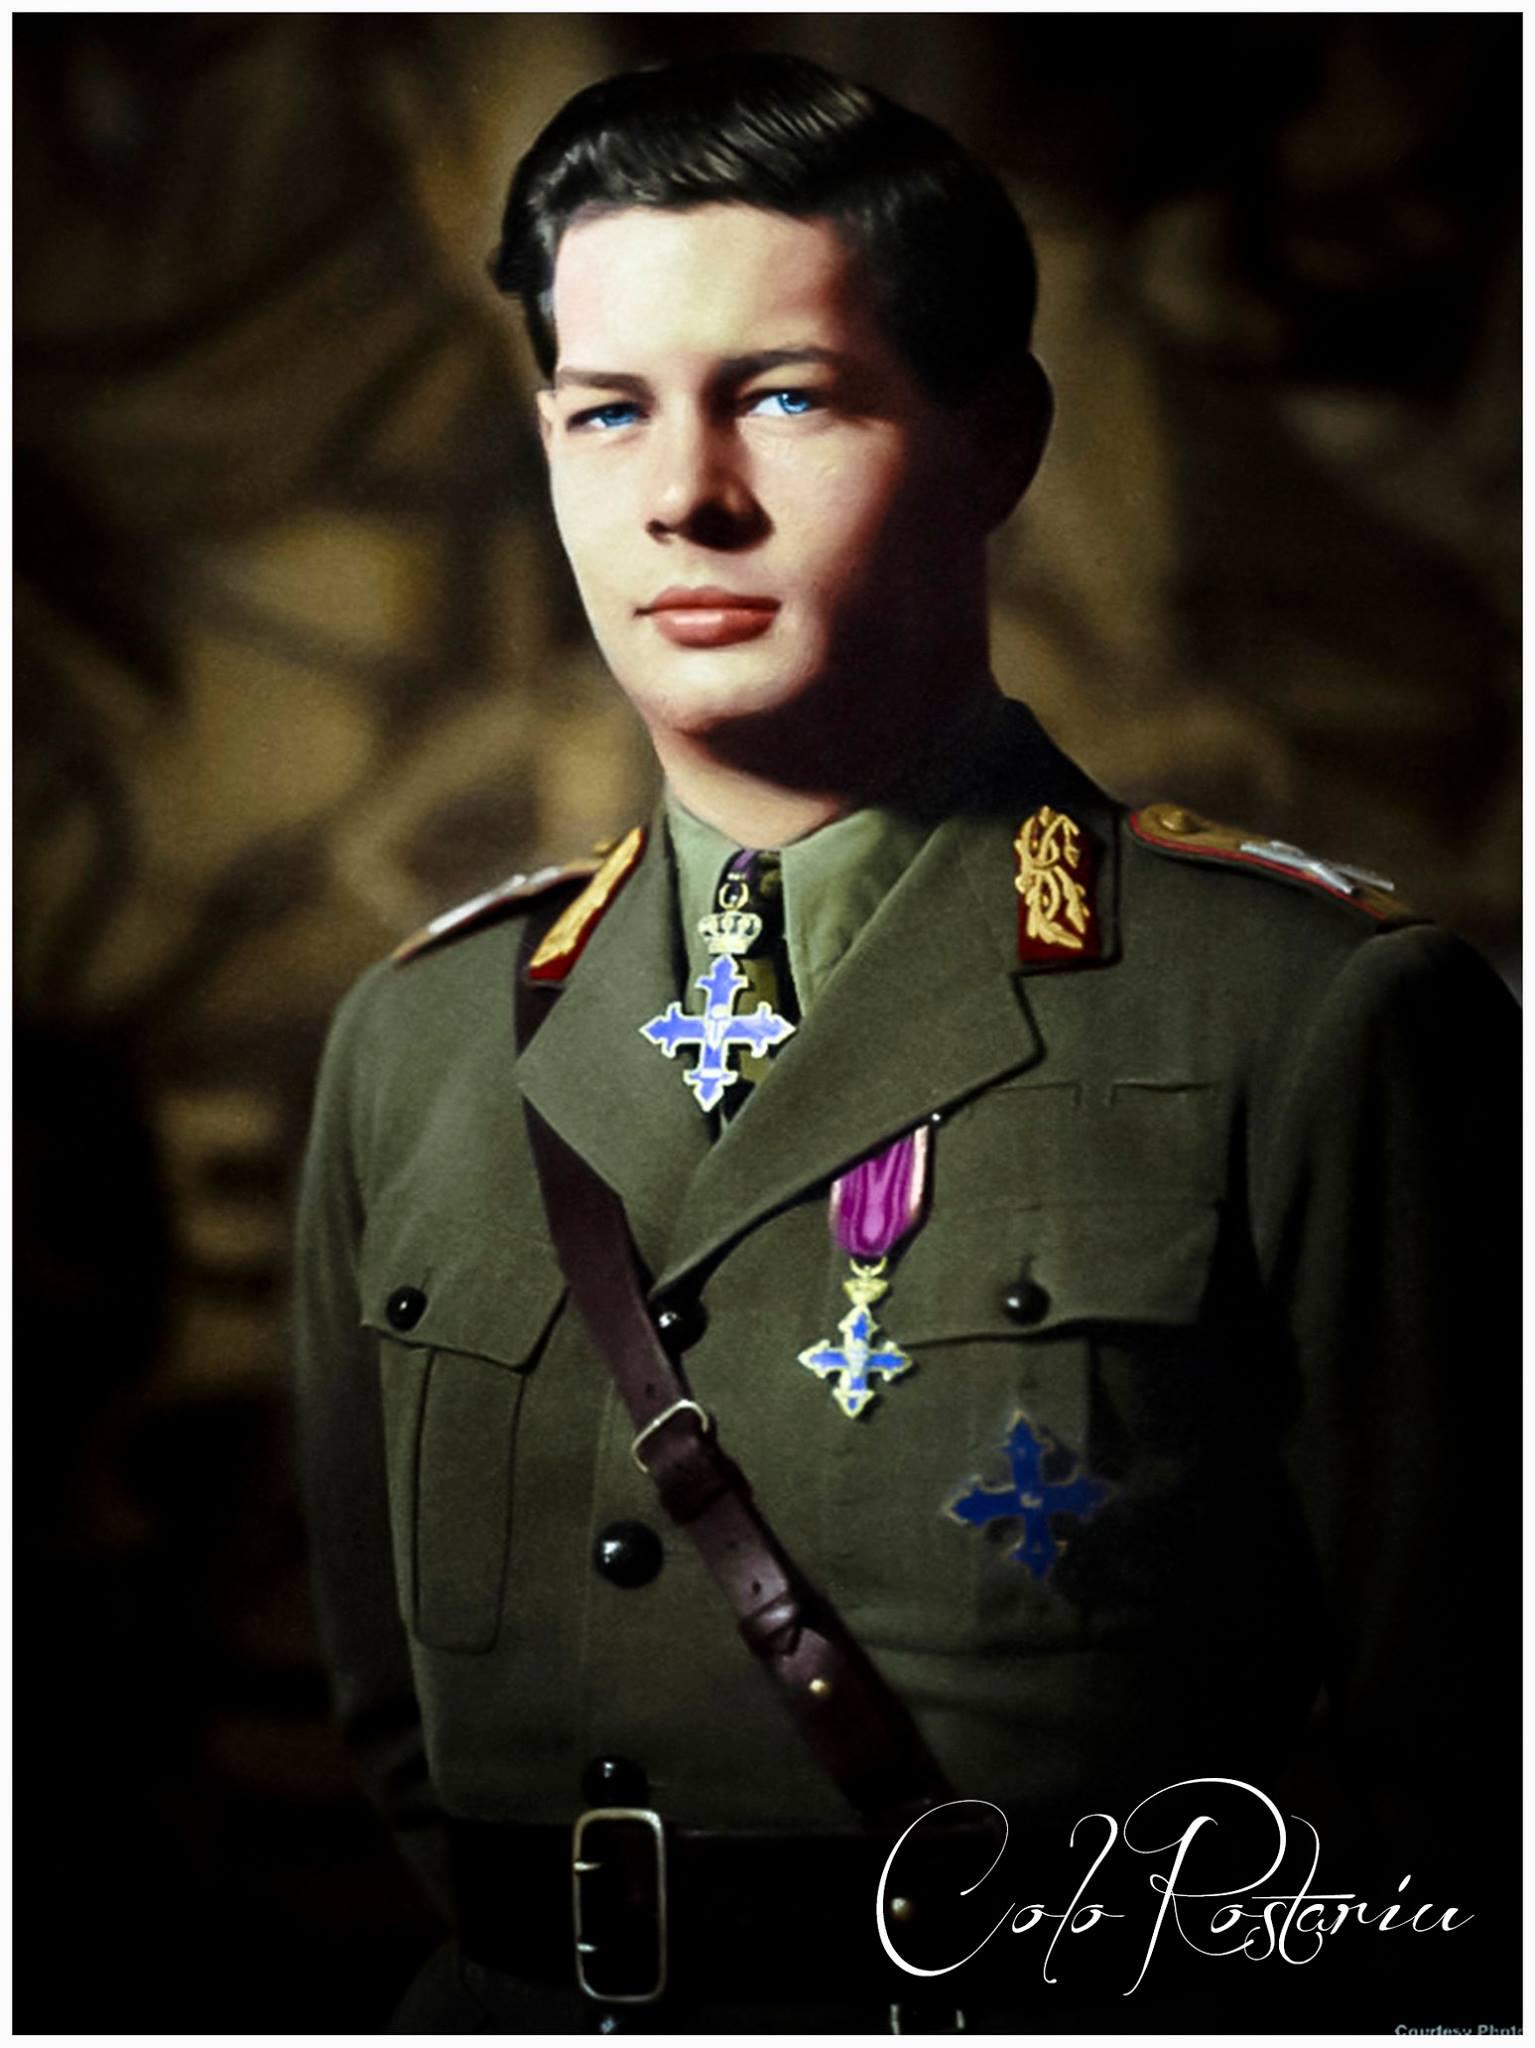 regele-mihai-king-of-romania-mare-royal-head-casa-regala-princiara-regalitate-majestate-monarhie-uk-europe-usa-ww1-ww2-general-marshal.jpg